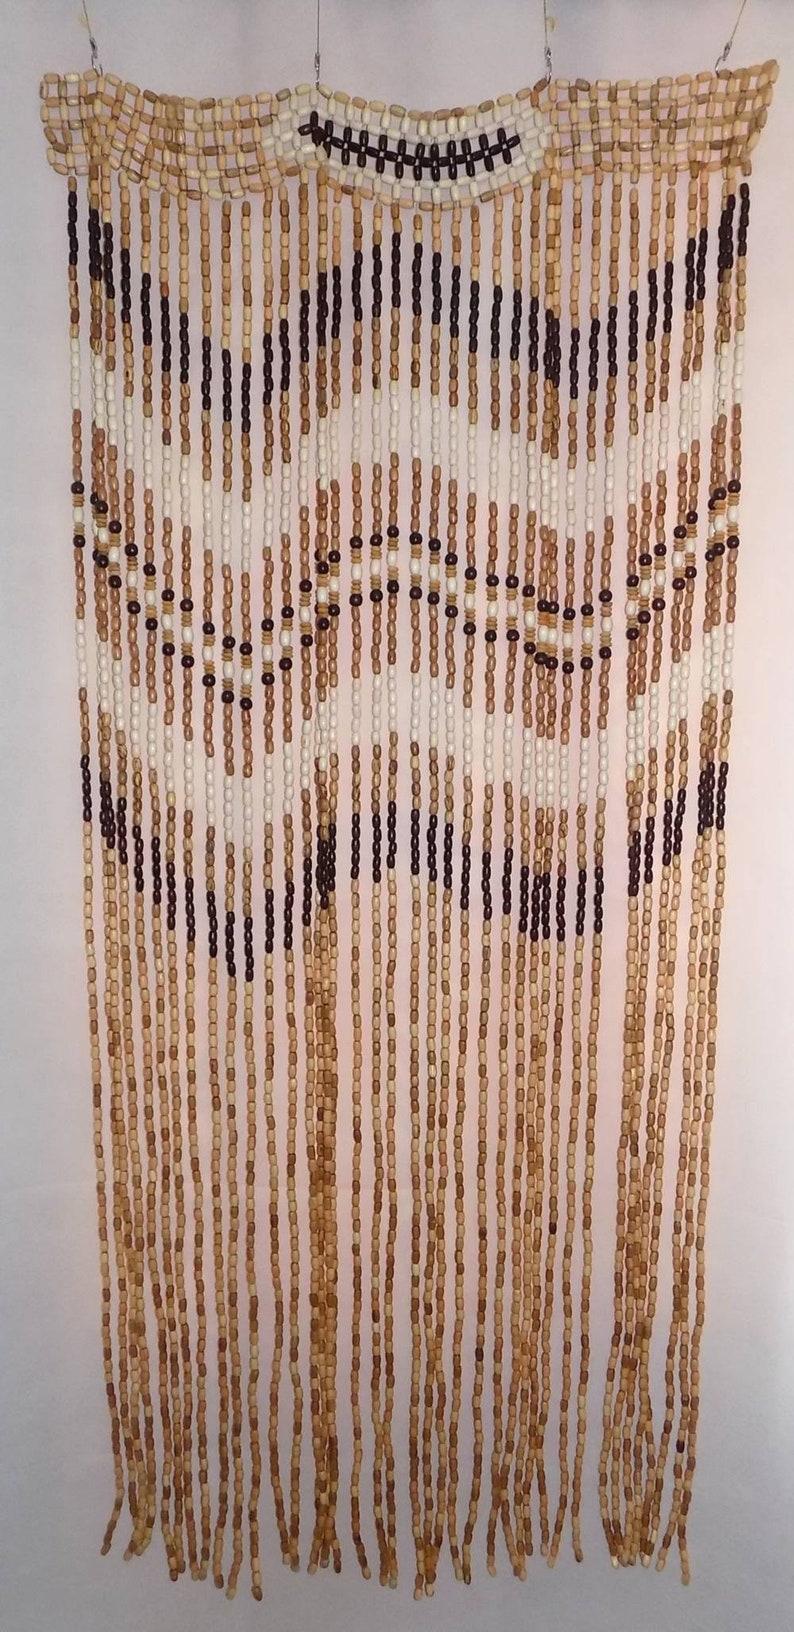 Awesome Wooden beaded curtain door doorway room divider new